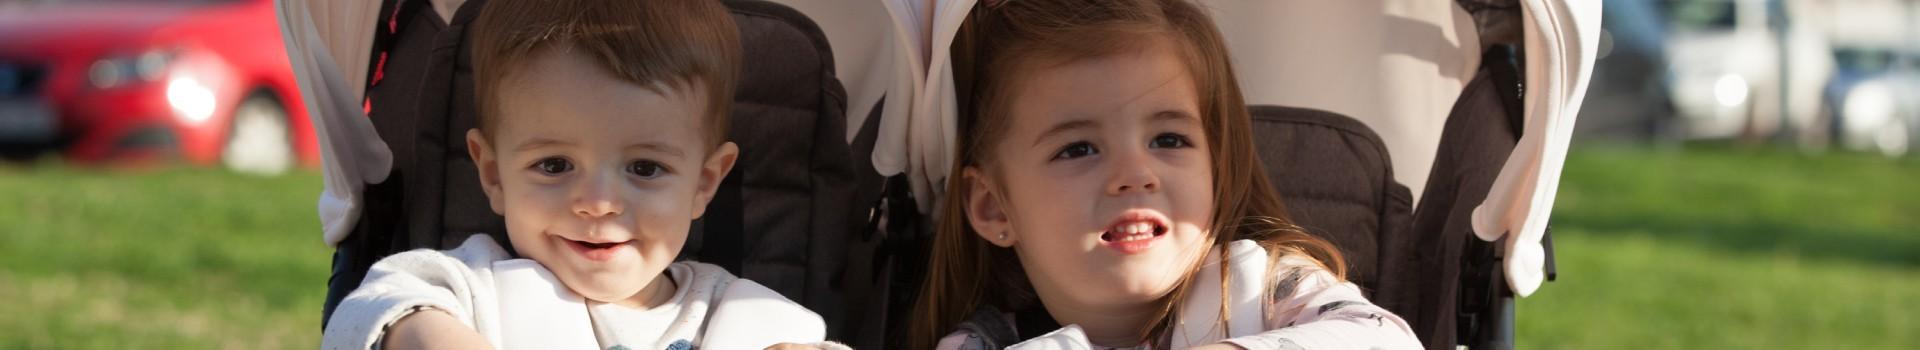 Accesorios sillas de paseo y cochecitos de bebé | Baby Monsters